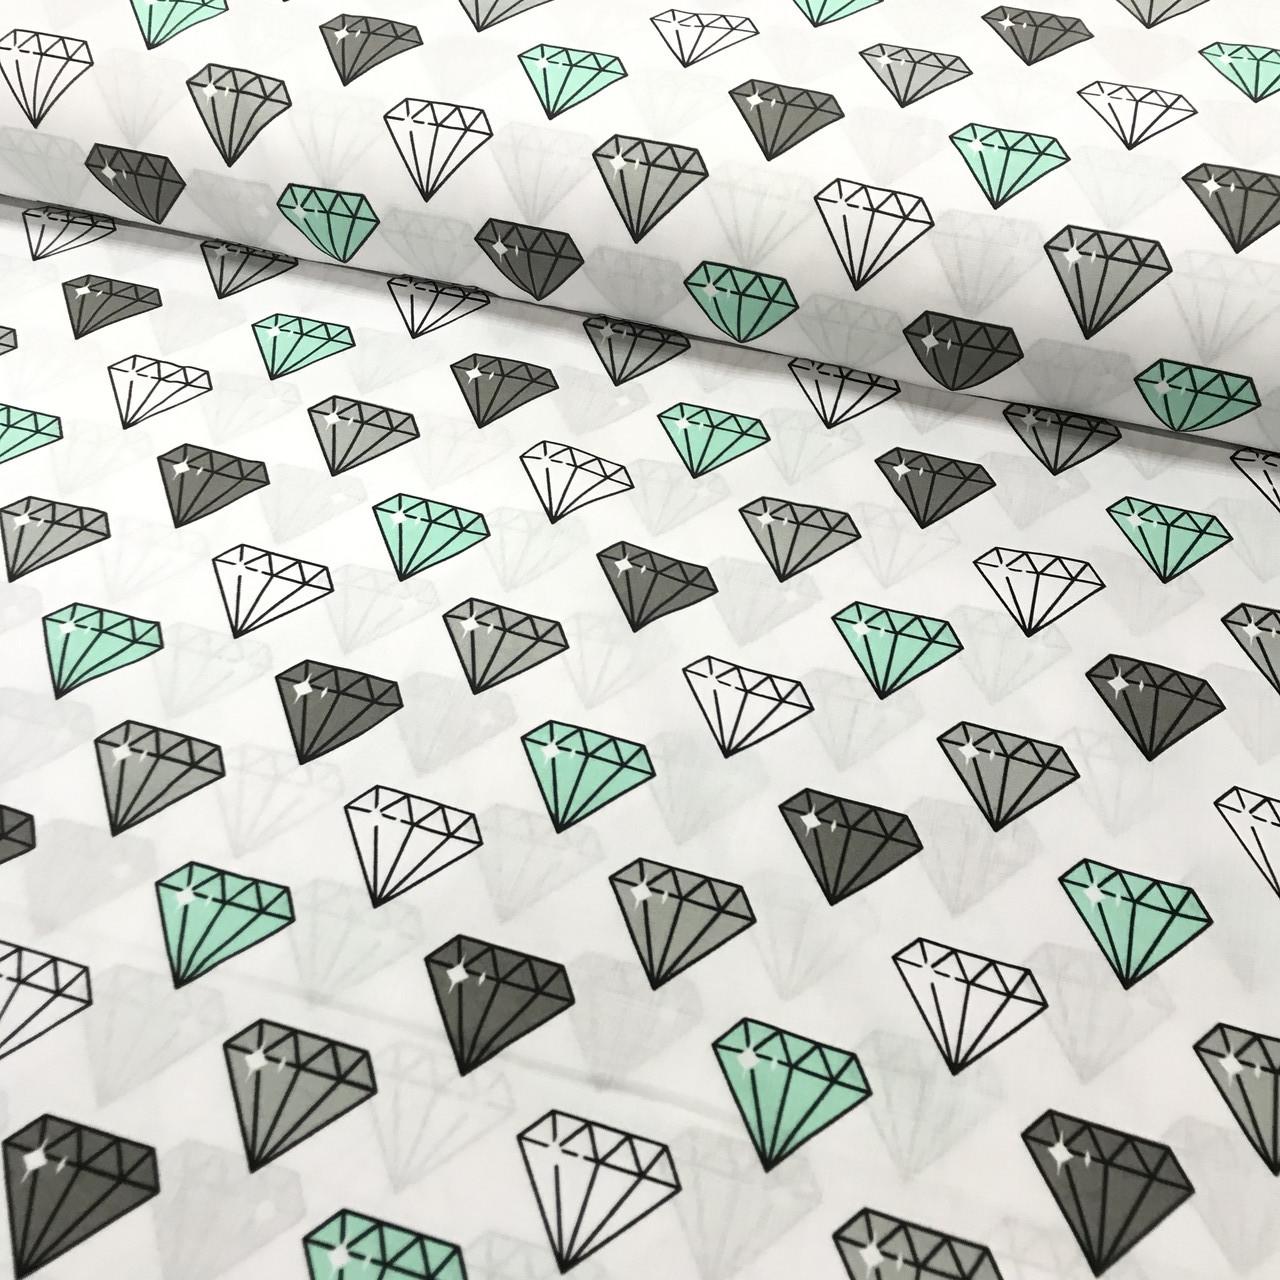 Хлопковая ткань польская, алмазы серые, белые, мятные на белом